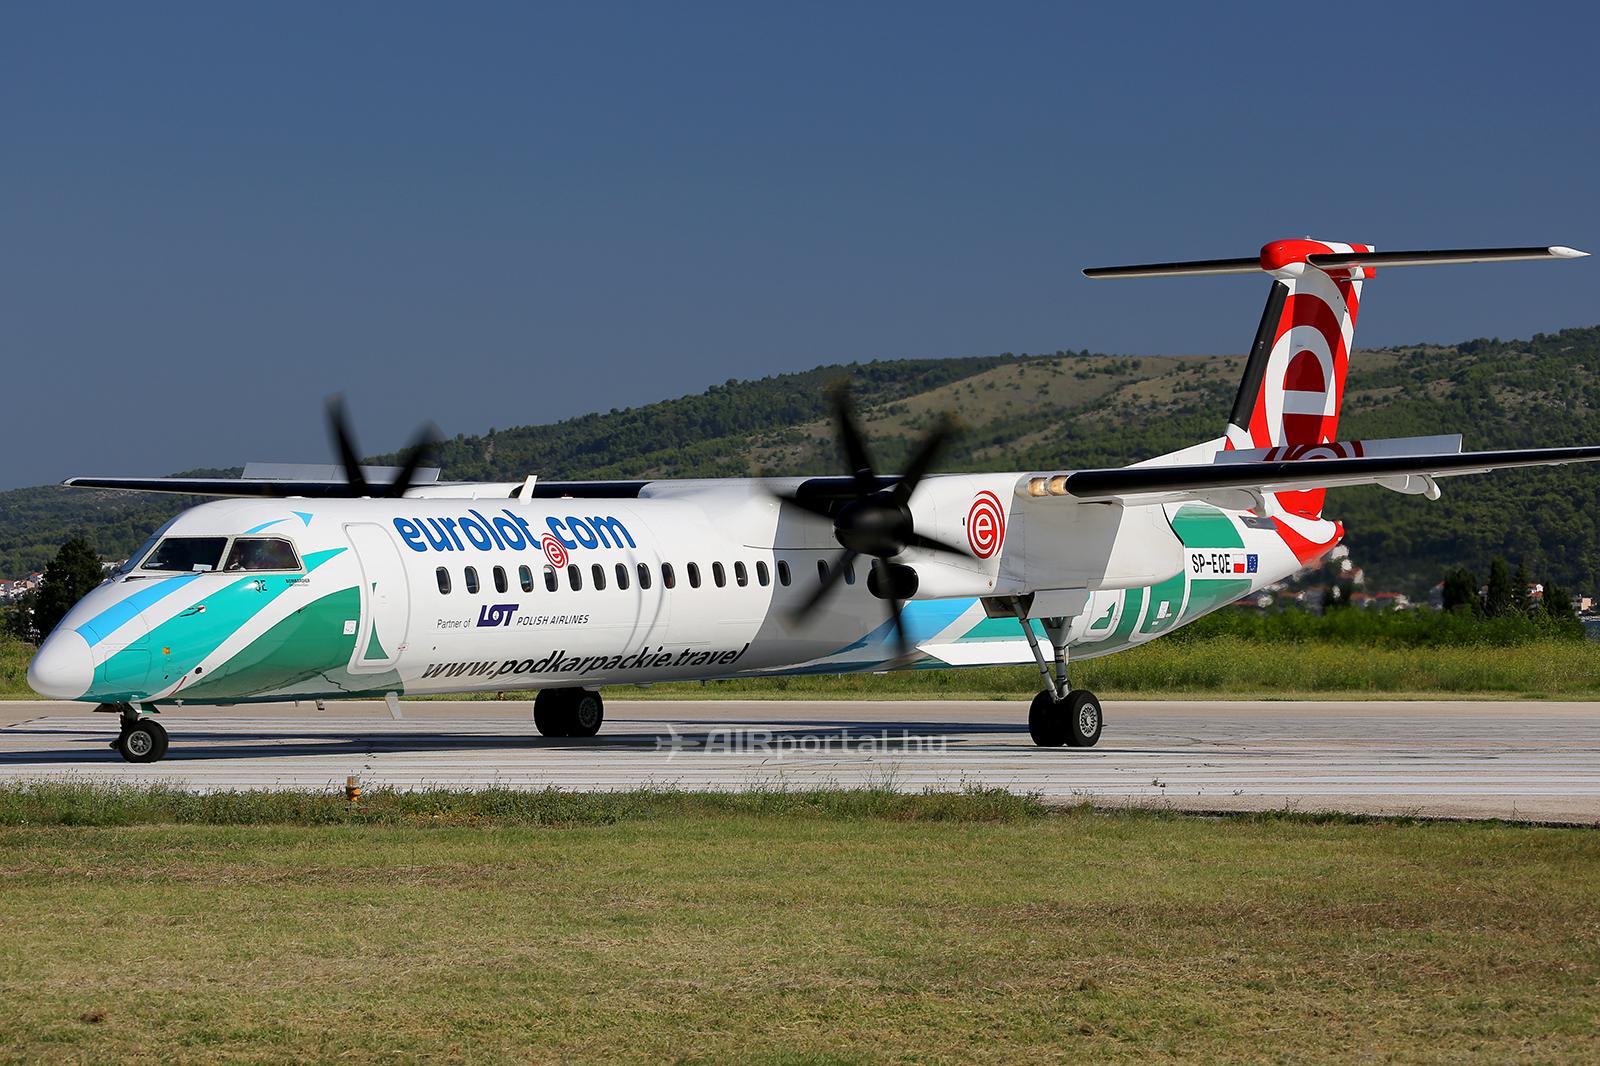 A társaság egyik, különleges festést viselő repülőgépe a horvátországi Split városában. (Fotó: AIRportal.hu)   © AIRportal.hu